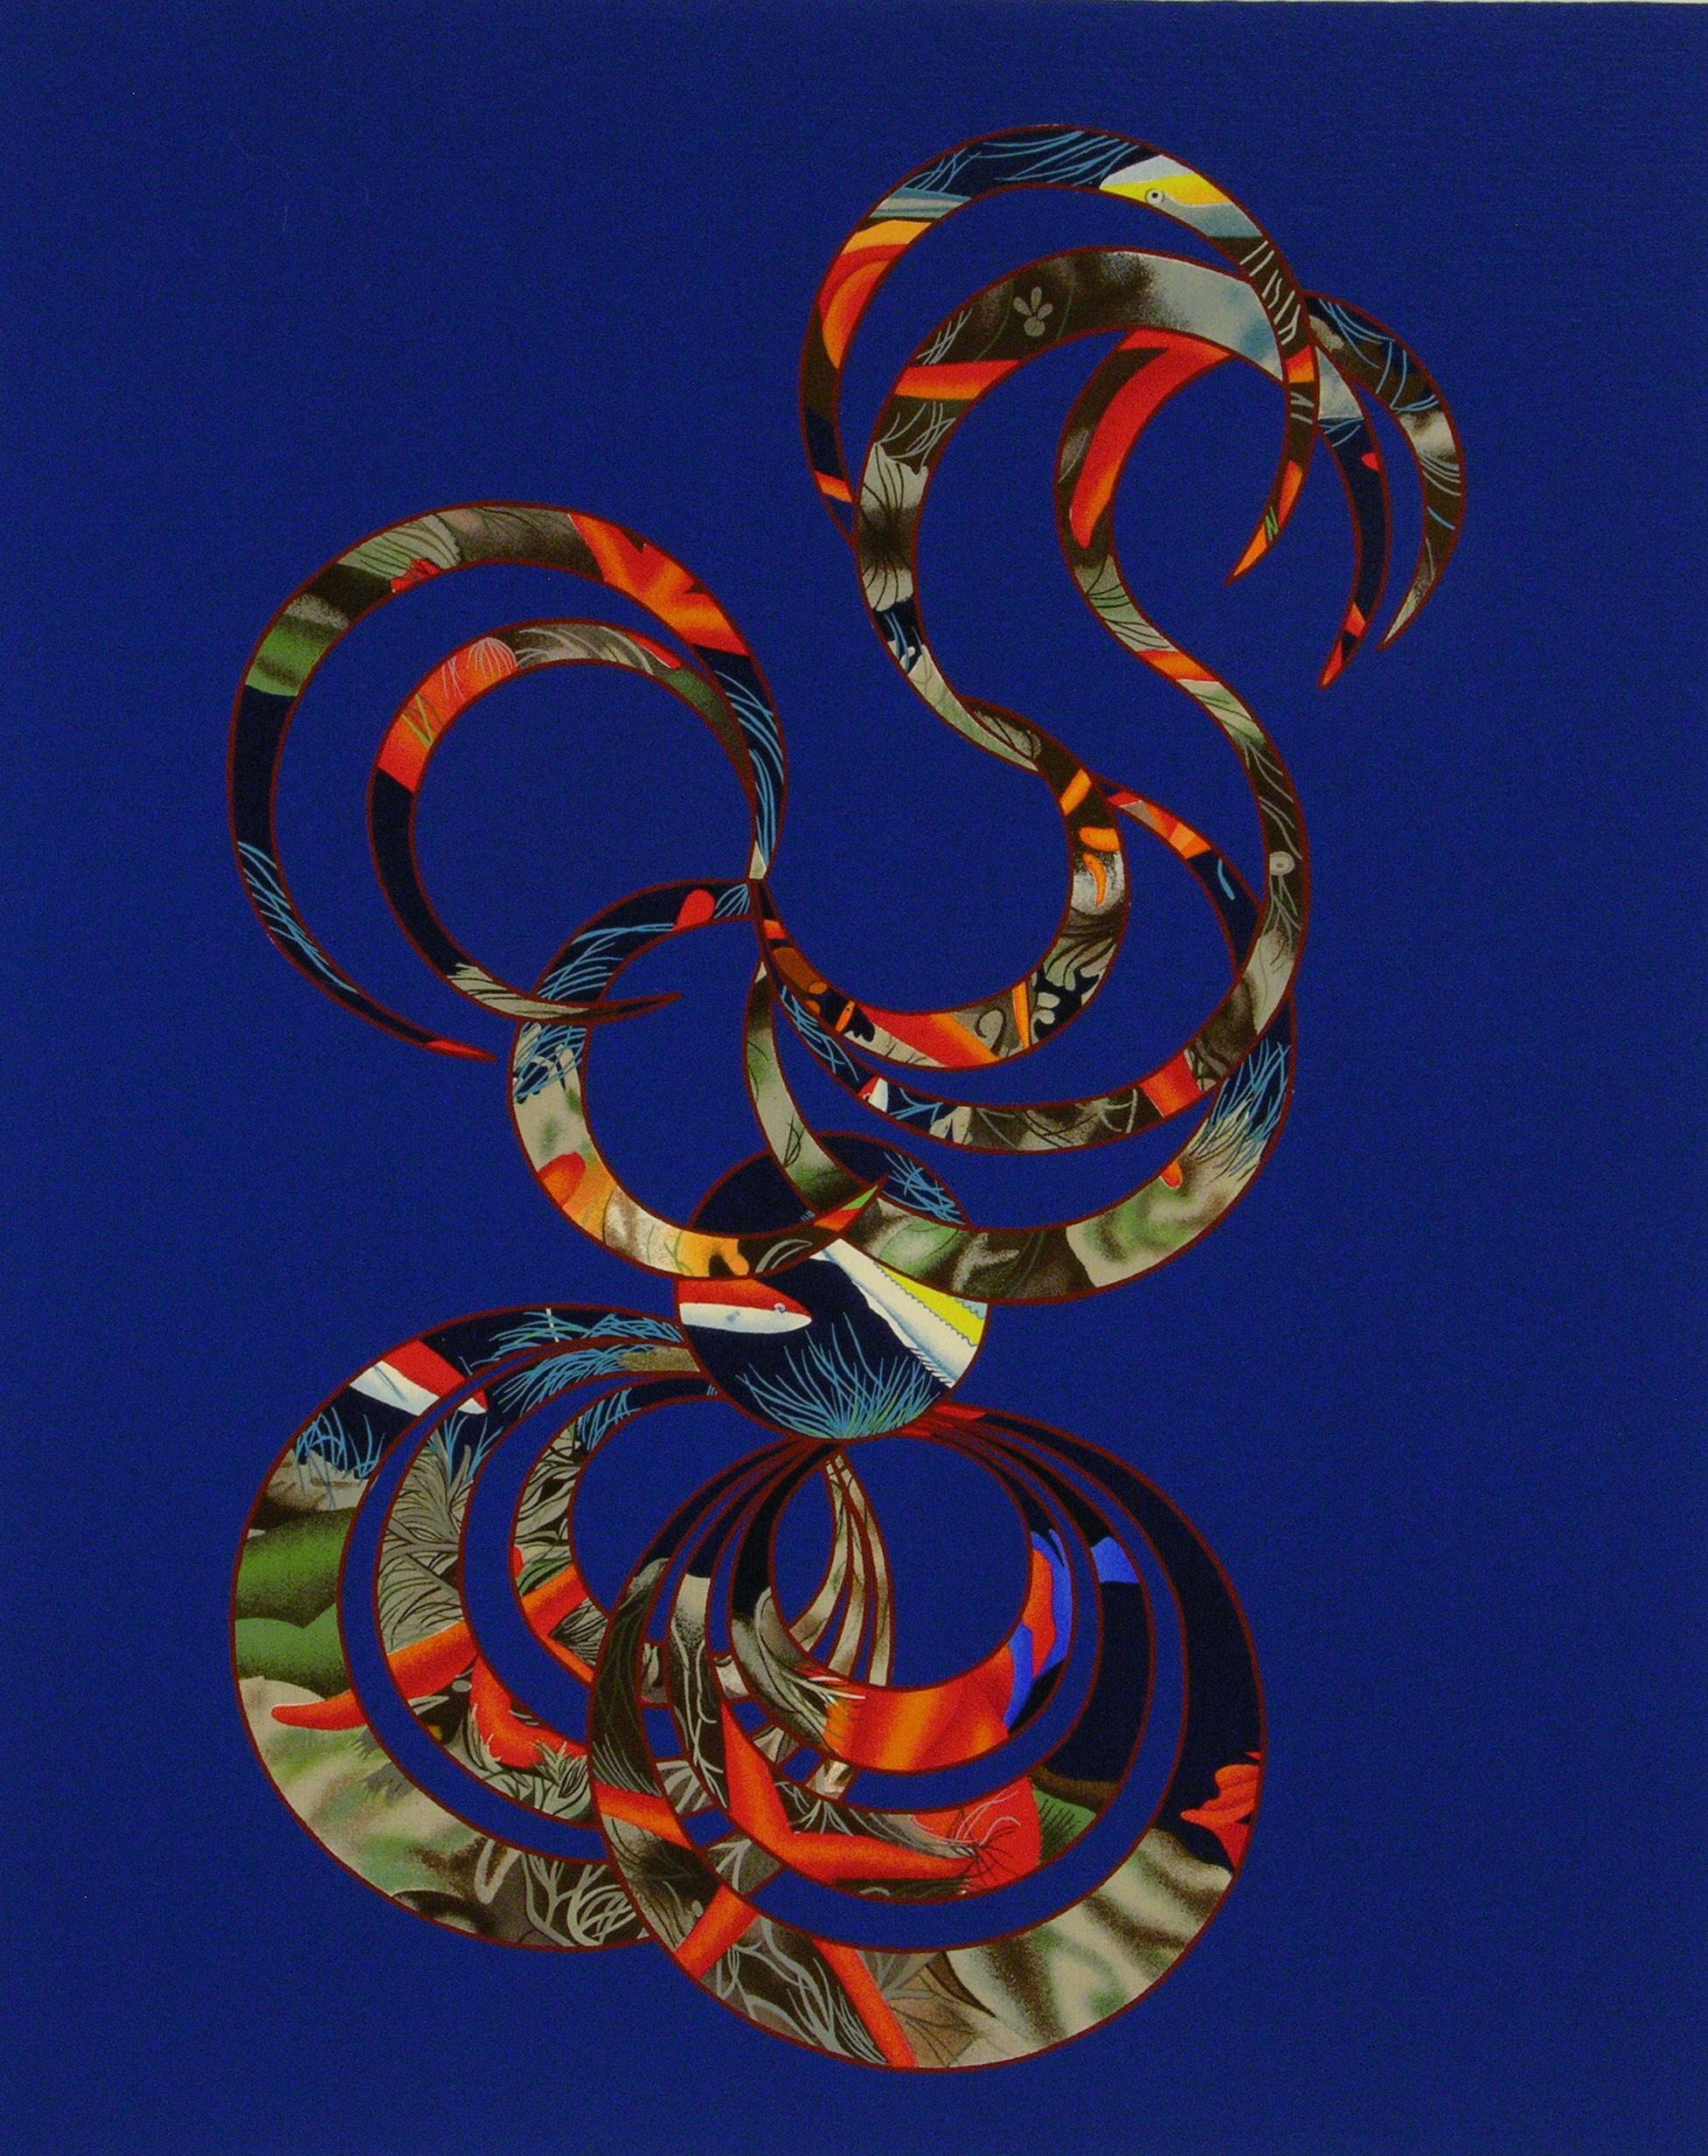 Evolution artwork by Vanda Daminato - art listed for sale on Artplode